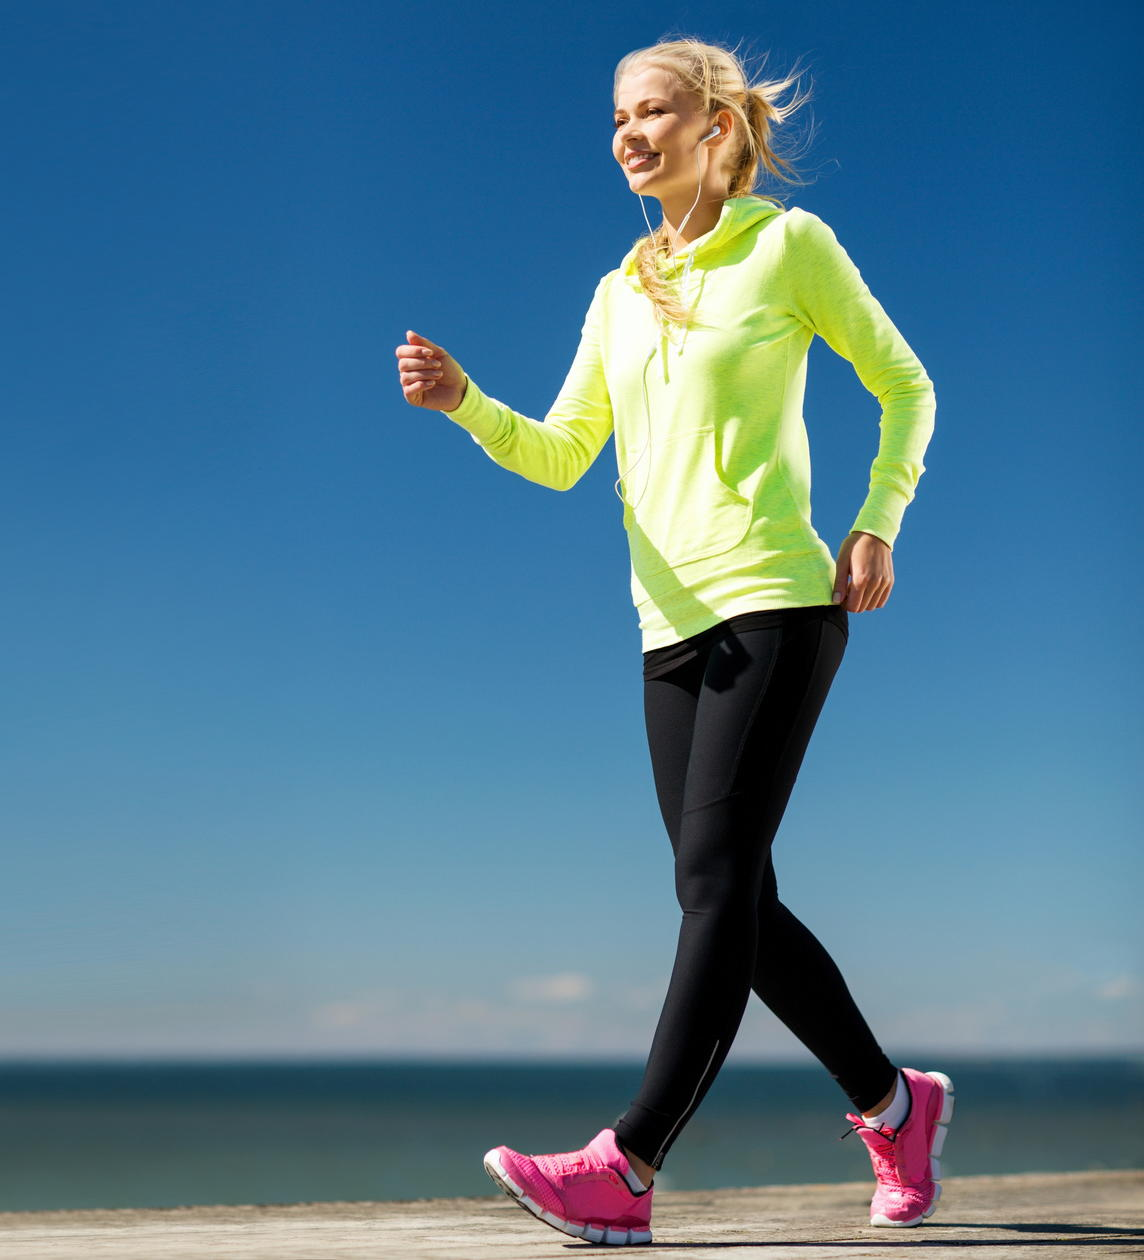 ウォーキングが13種類のがんリスクを減少 乳がん発症リスク10%低下